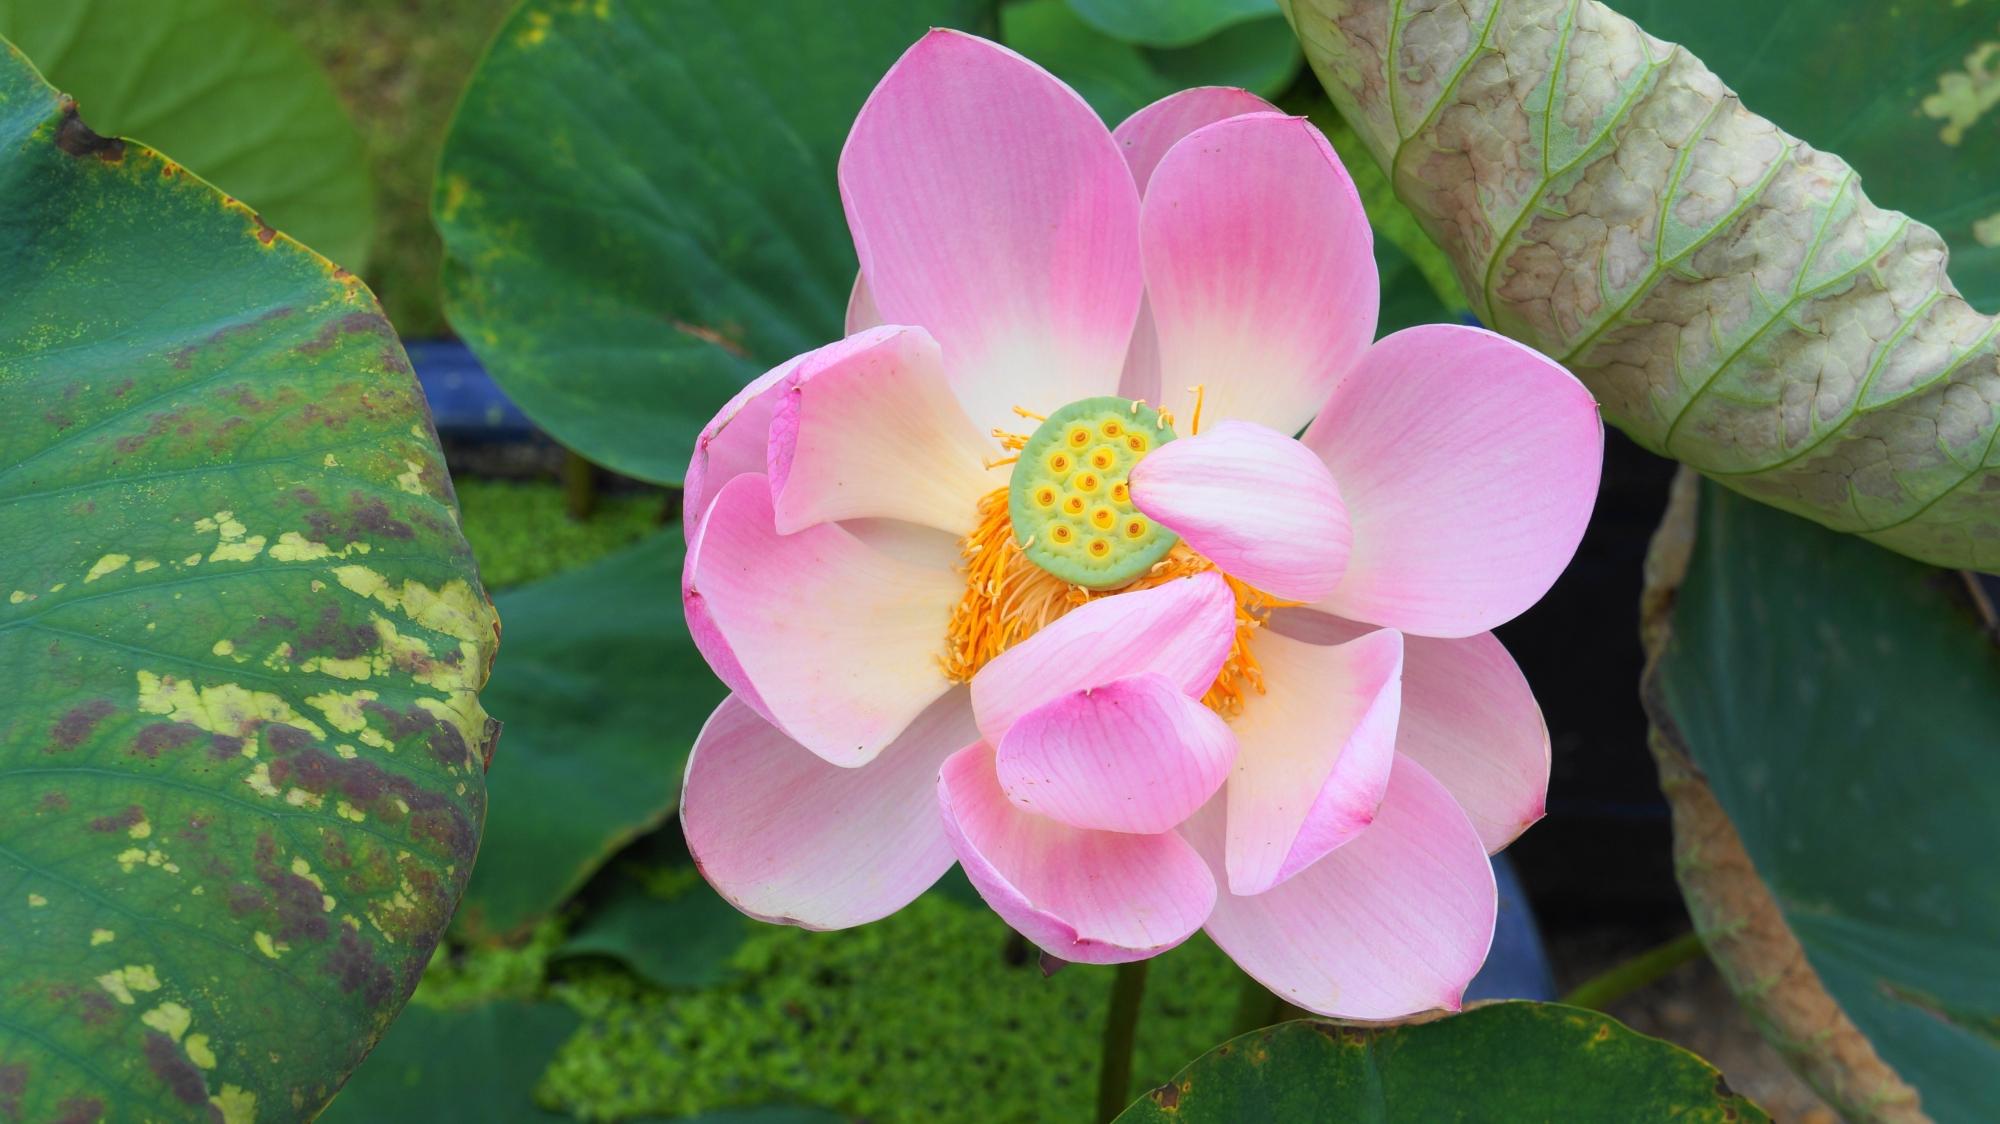 法金剛院の咲き始めの蓮の花